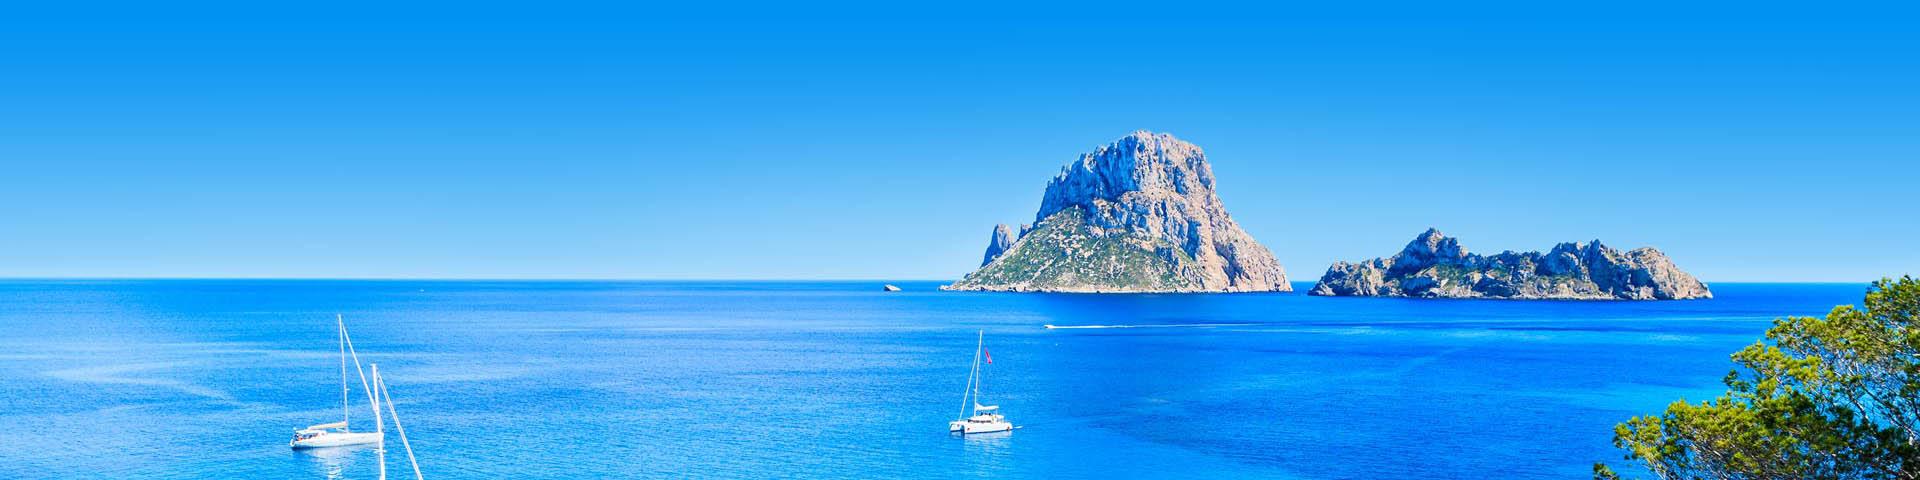 Kustlijn van Ibiza met helderblauw zeewater en een bootje op de voorgrond